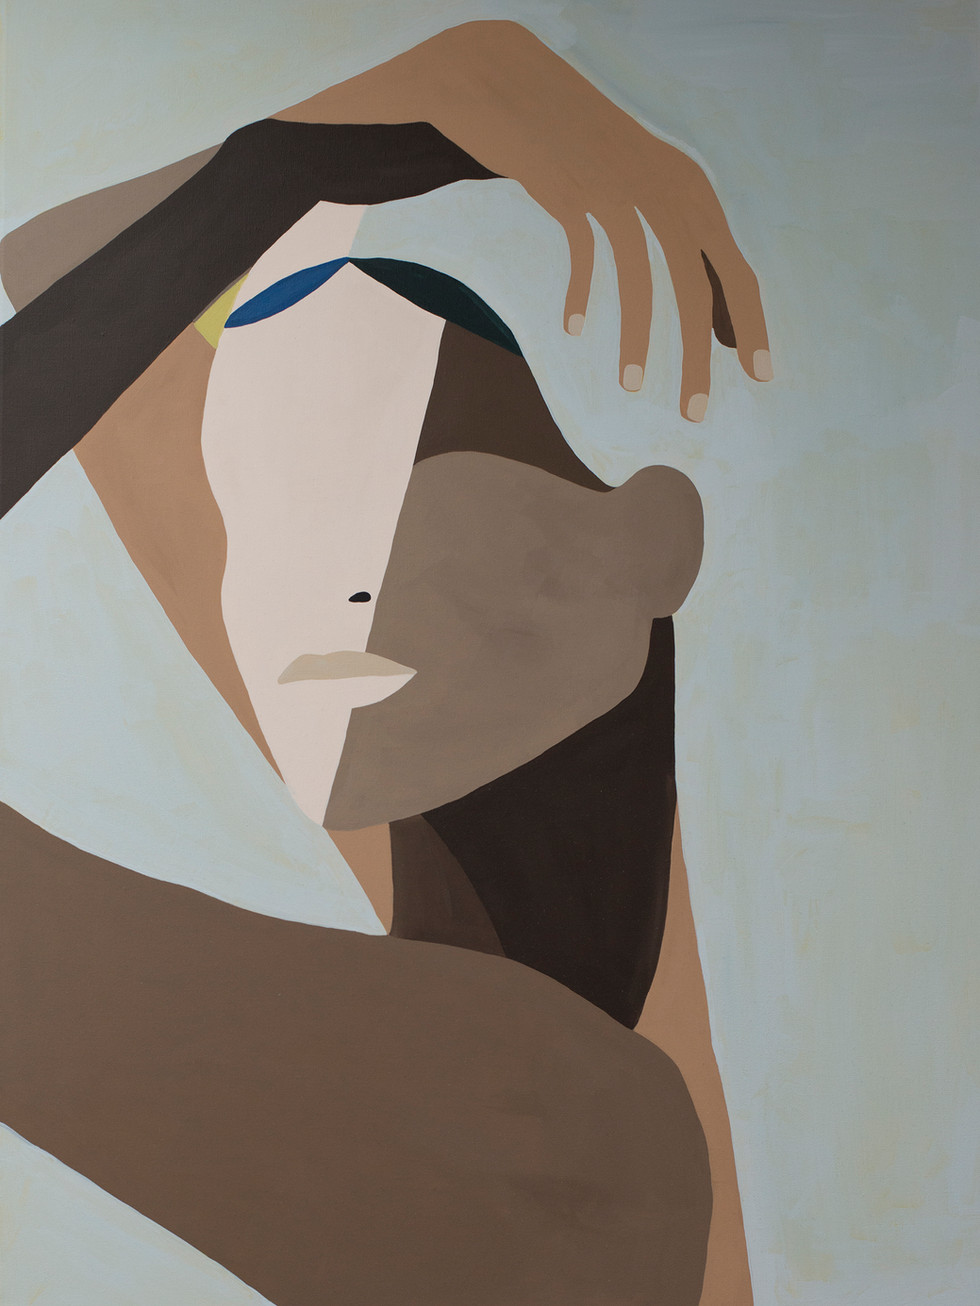 Air, 2020 (sold) acrylic on canvas 60 x 80 cm